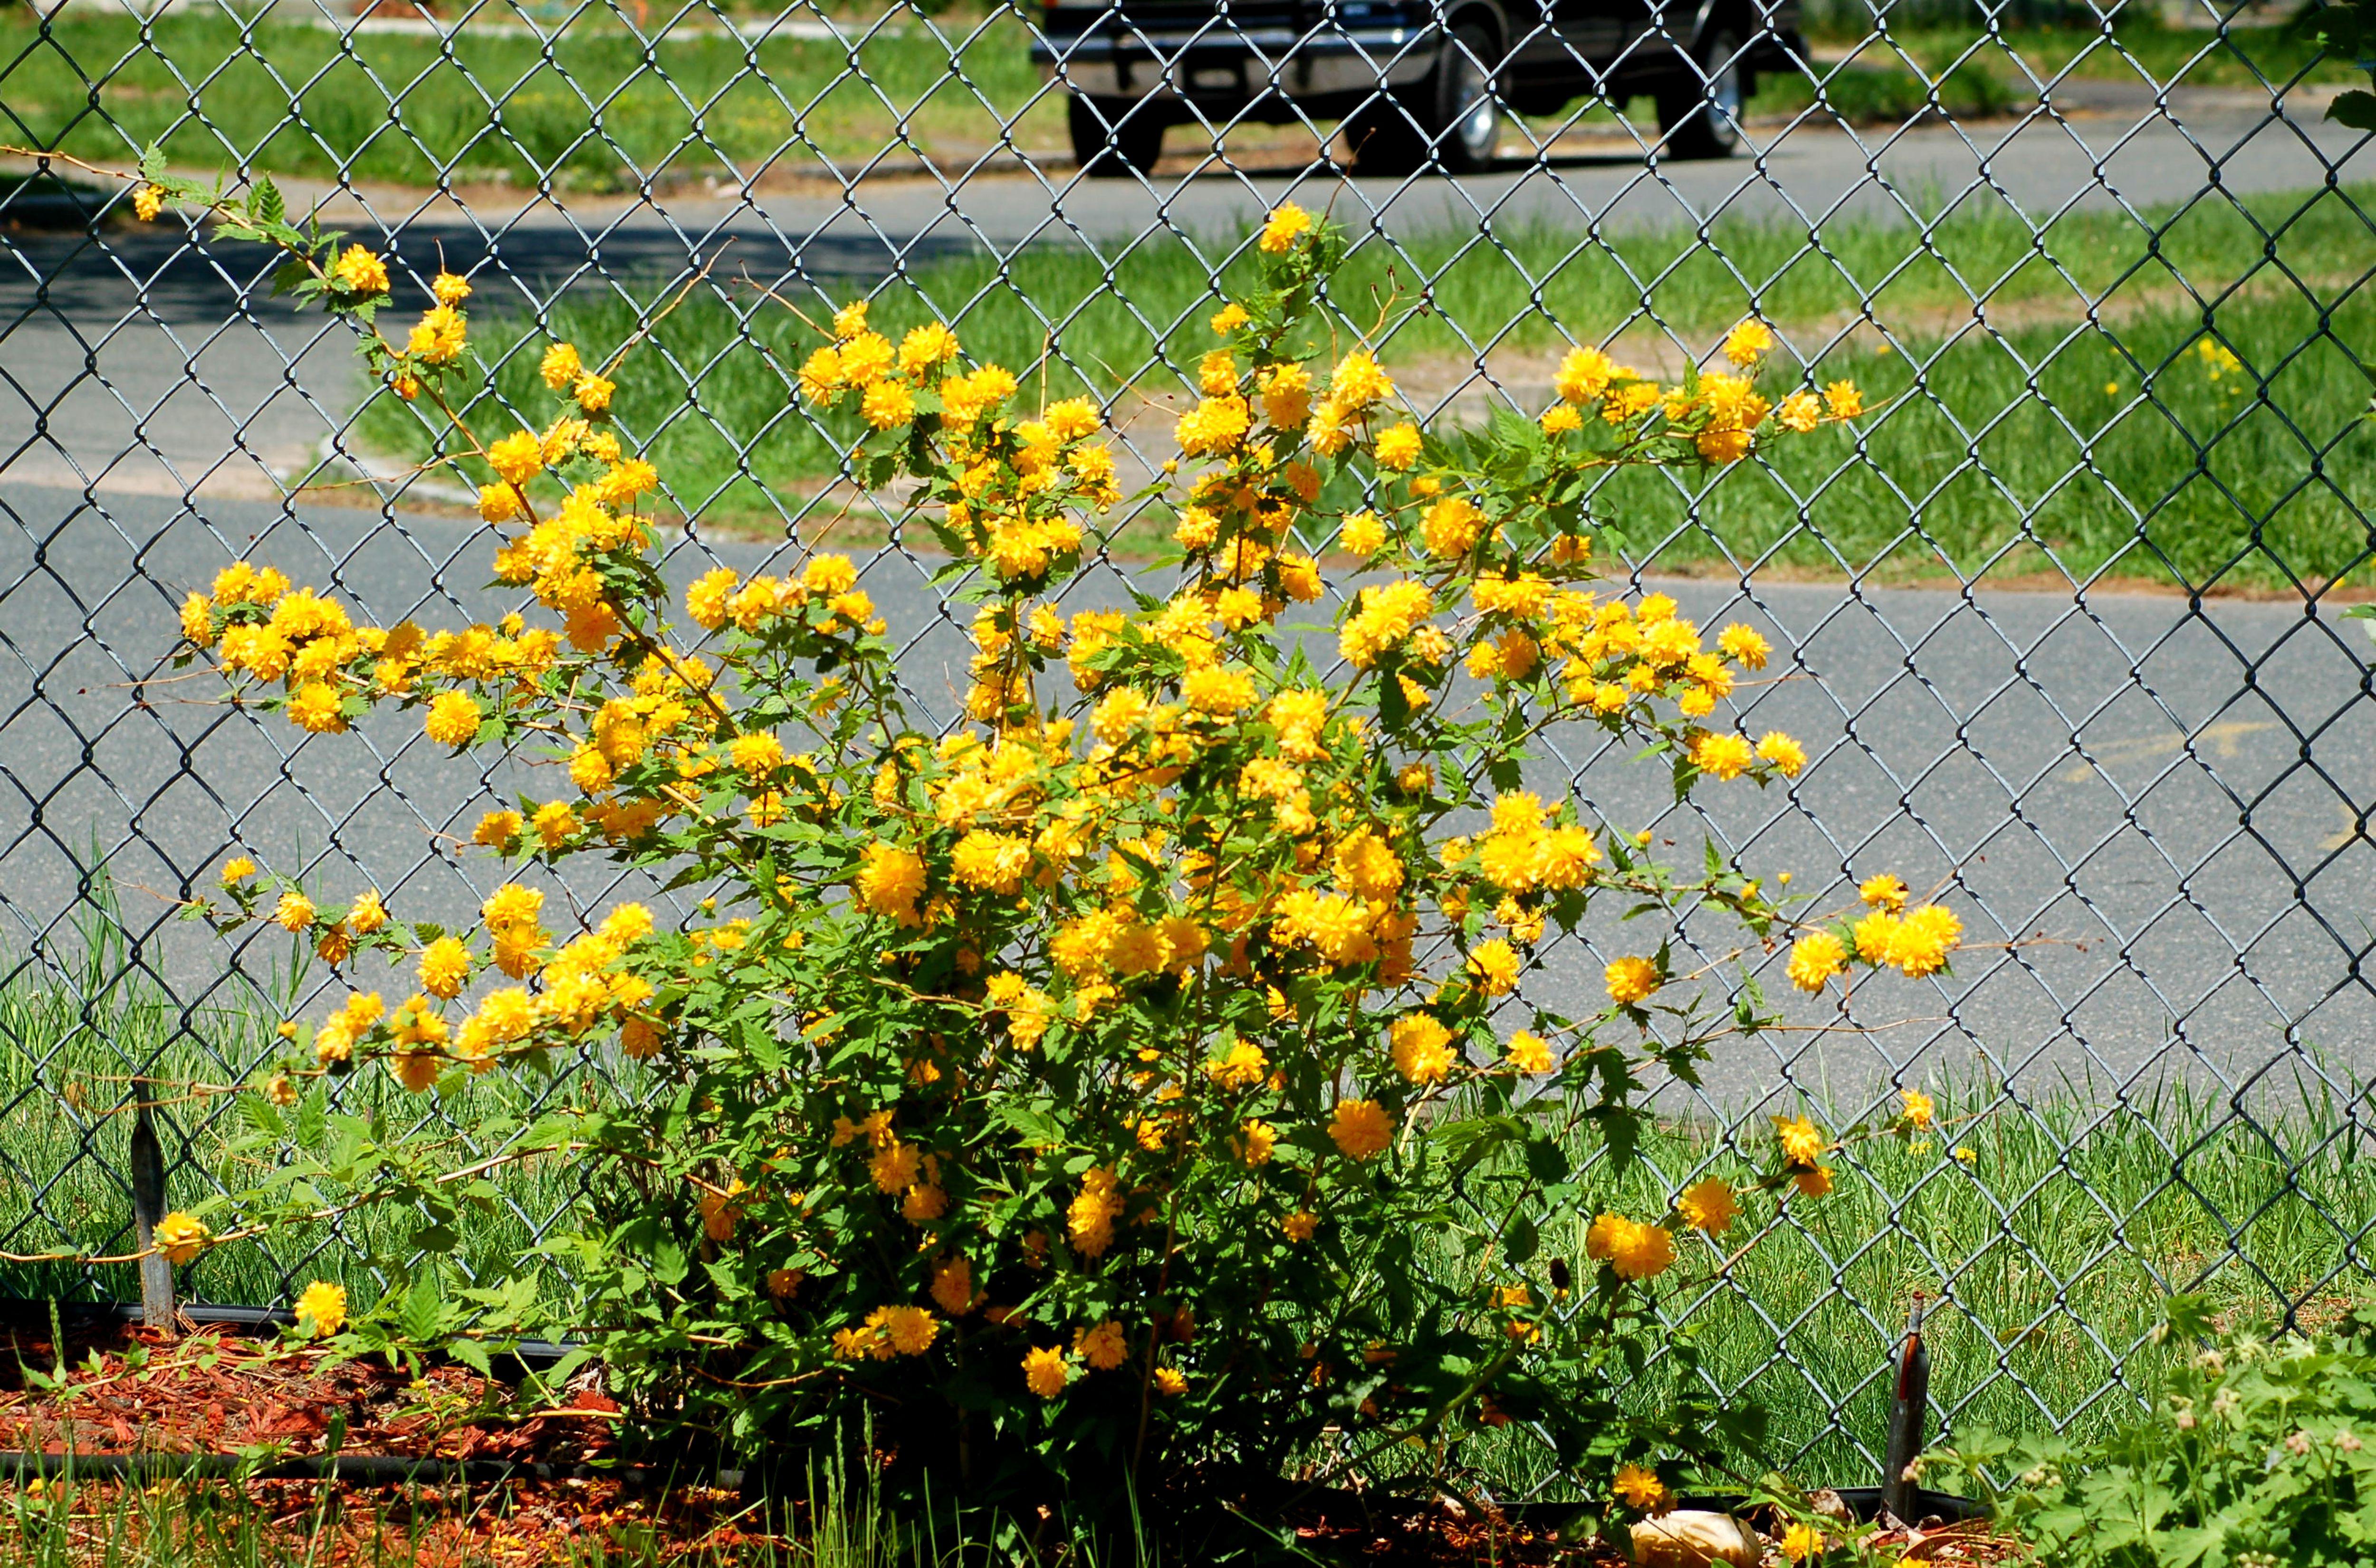 Best shrubs for full sun and privacy - Japanese Rose S Kelly Green Bark Provides Winter Interest